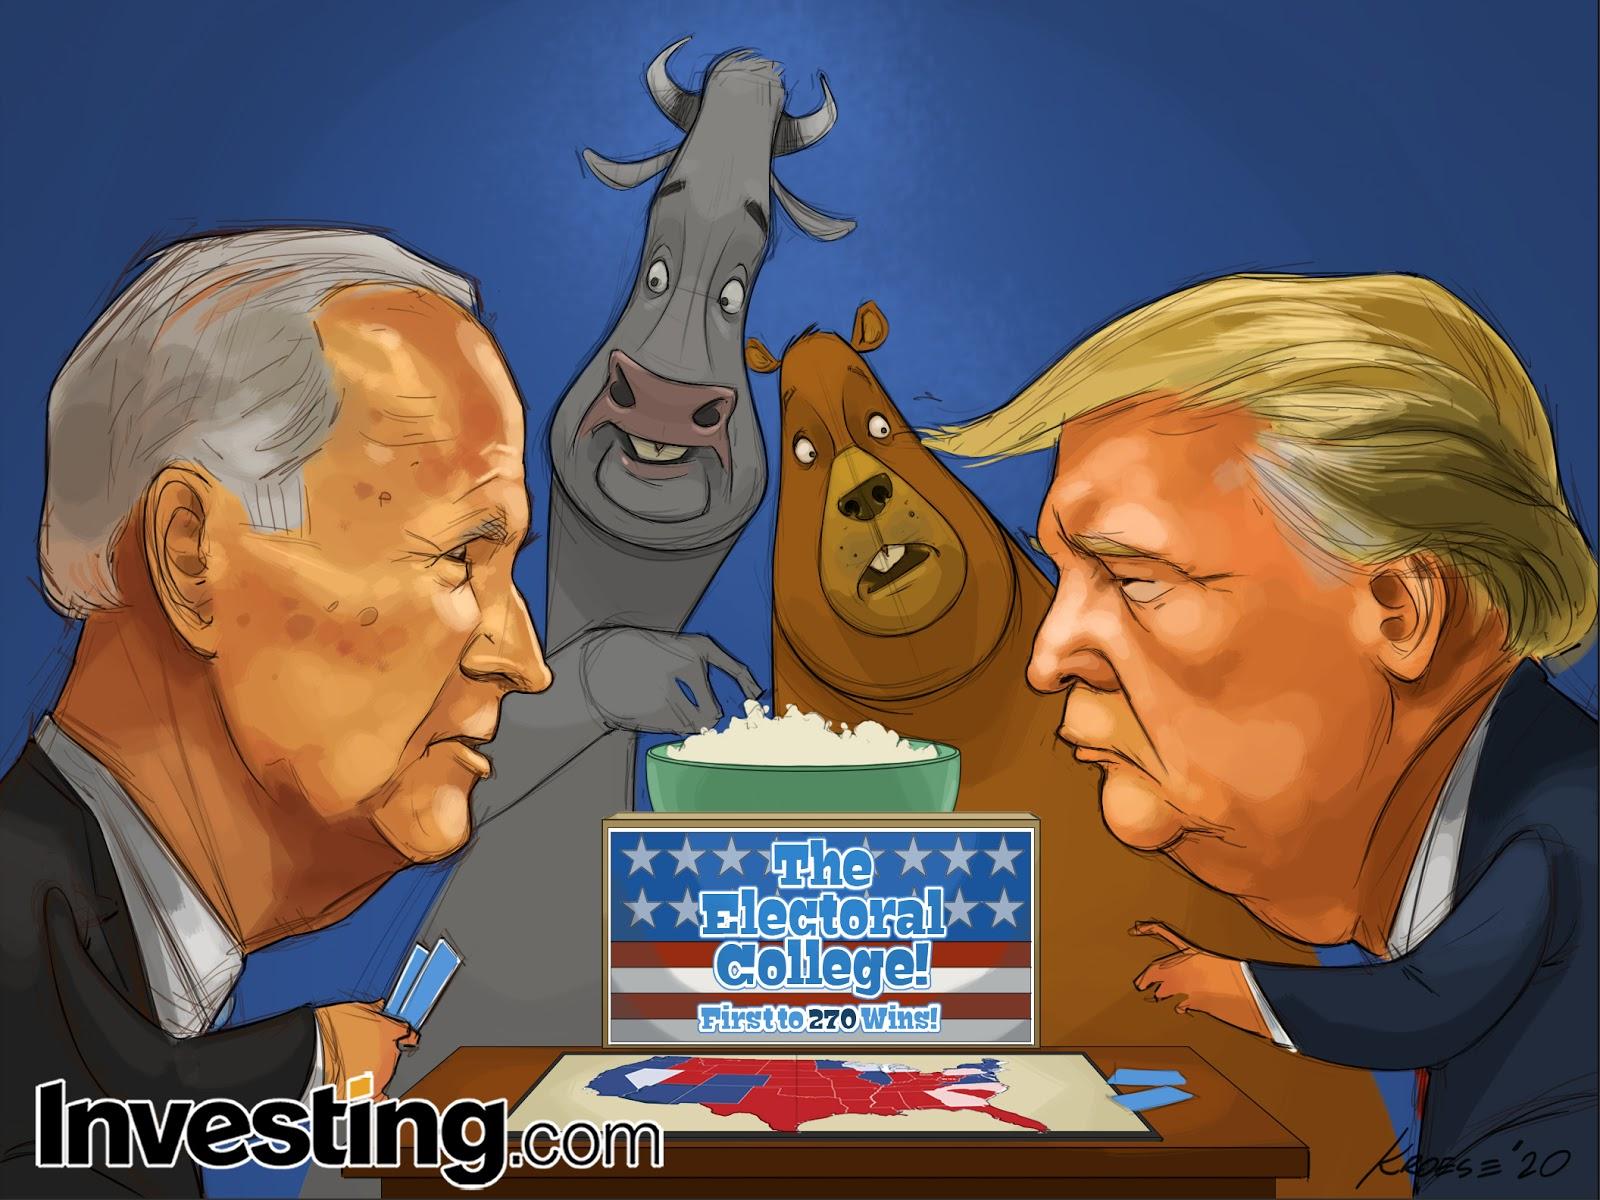 Американская политика подпитывает волатильность мировых рынков